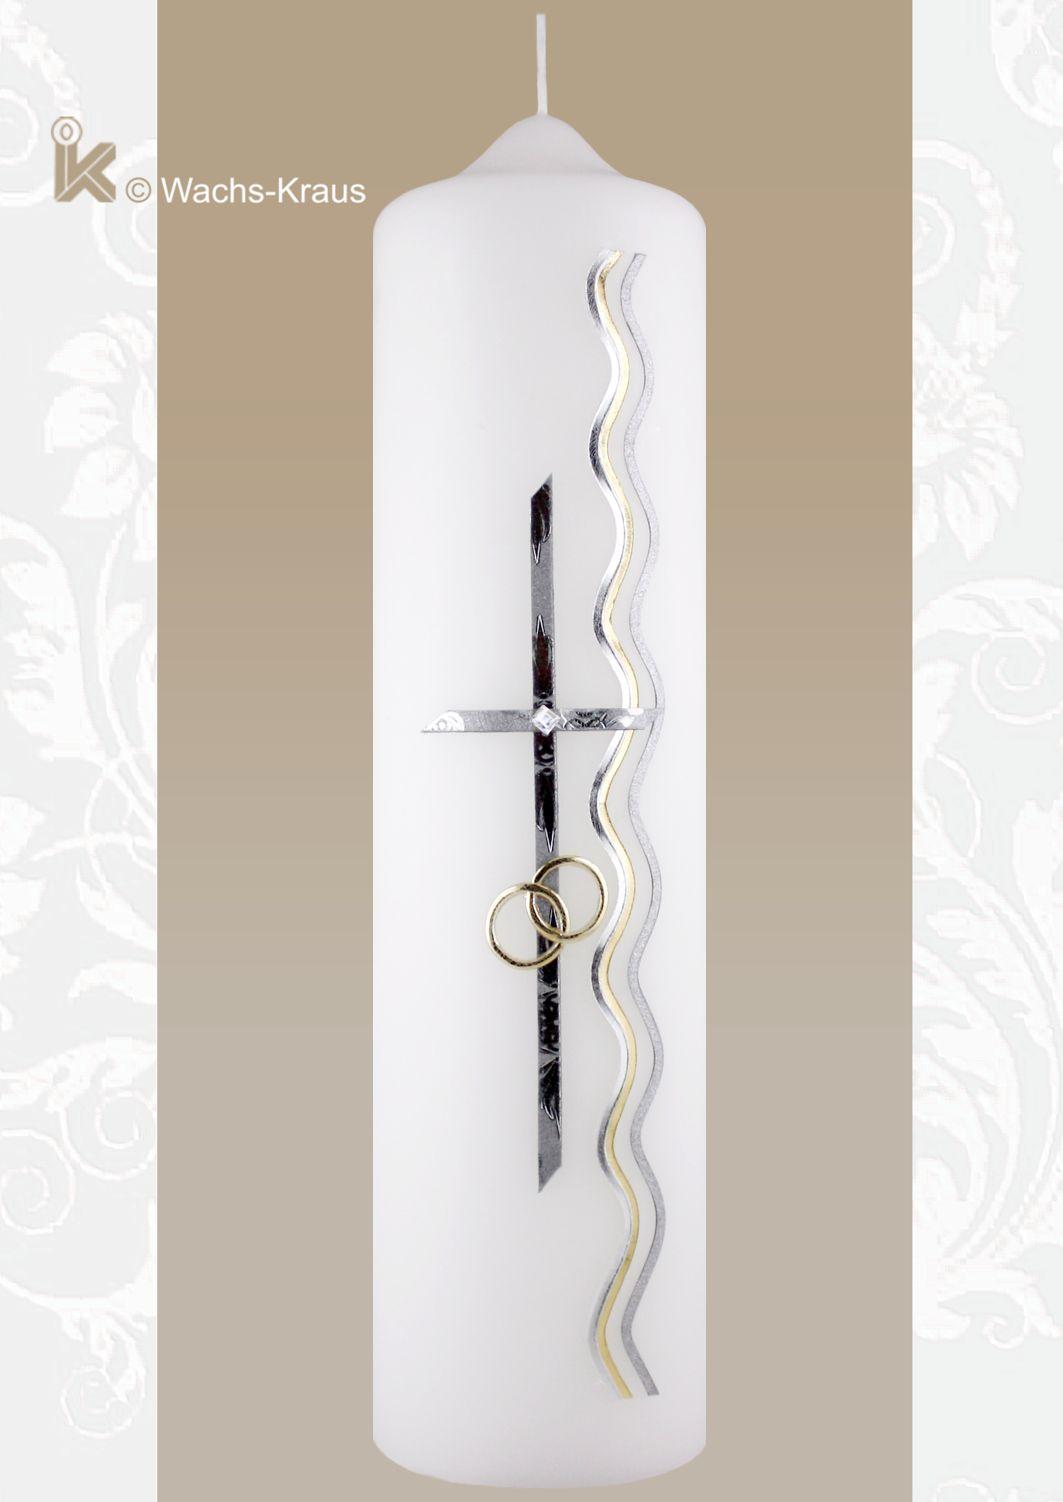 Hochzeitskerze elegant und zeitlos, Kreuz und Ringe gold-silber